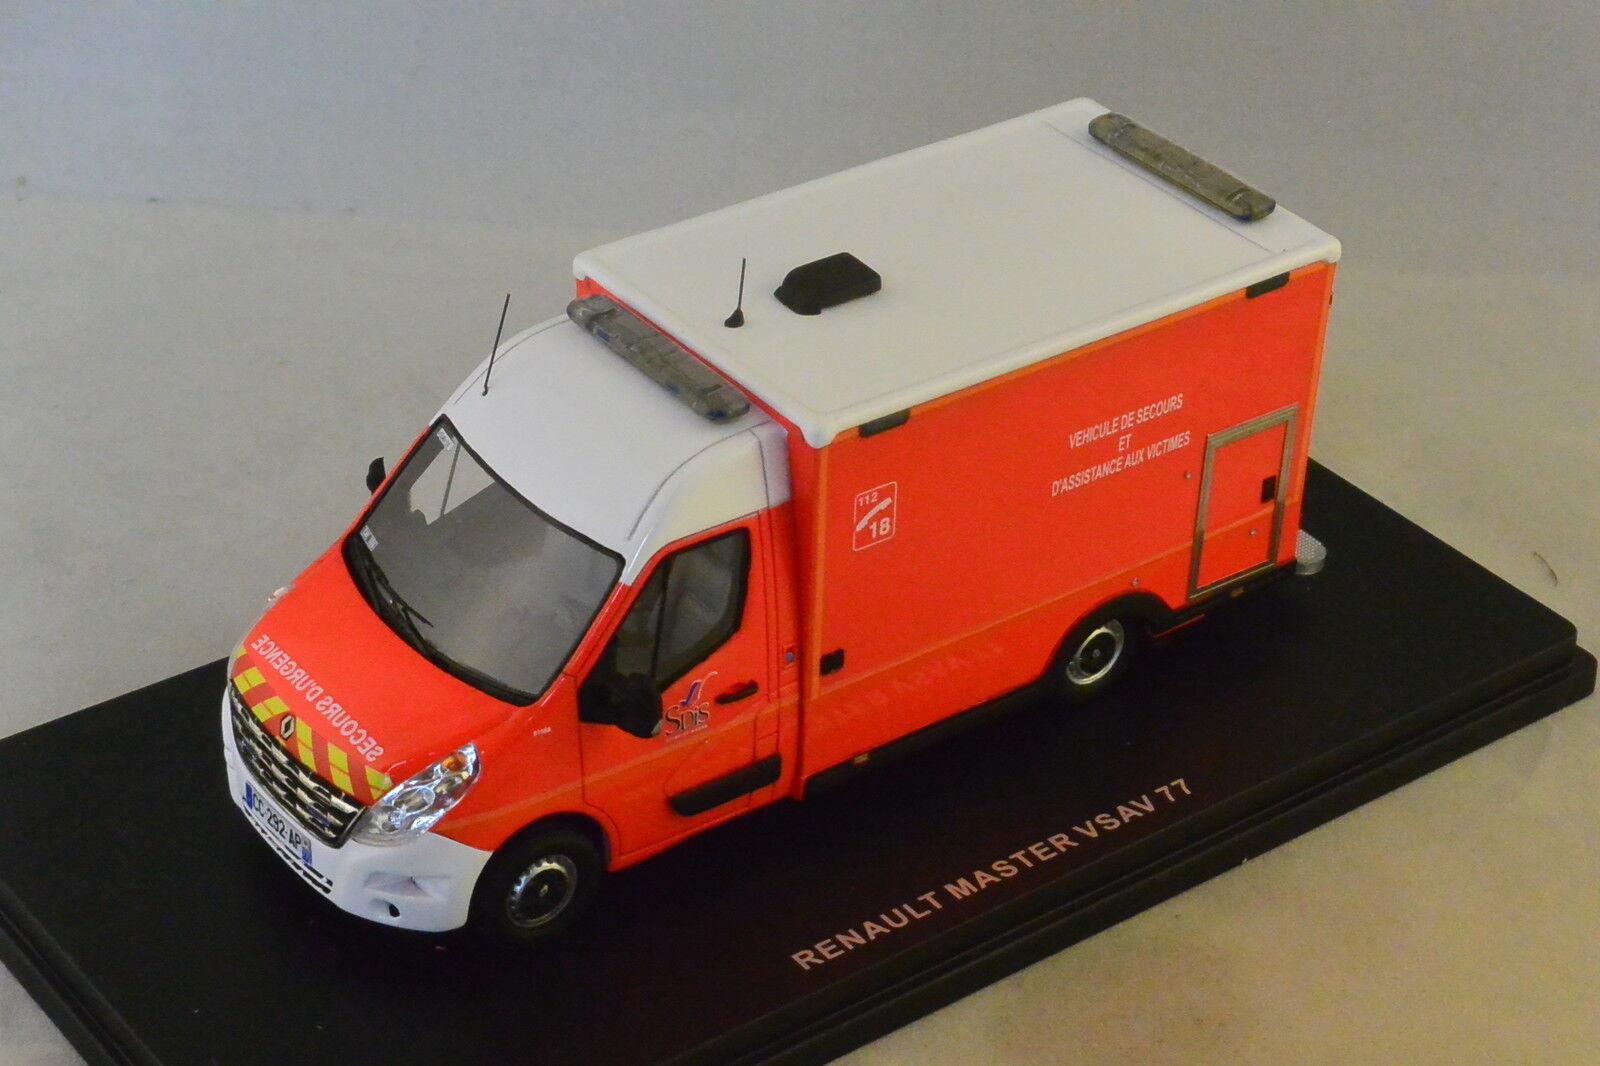 ALERTE 035 - RENAULT MASTER 3 CAISSON VSAV 77 CHELLES Pompiers  1 43